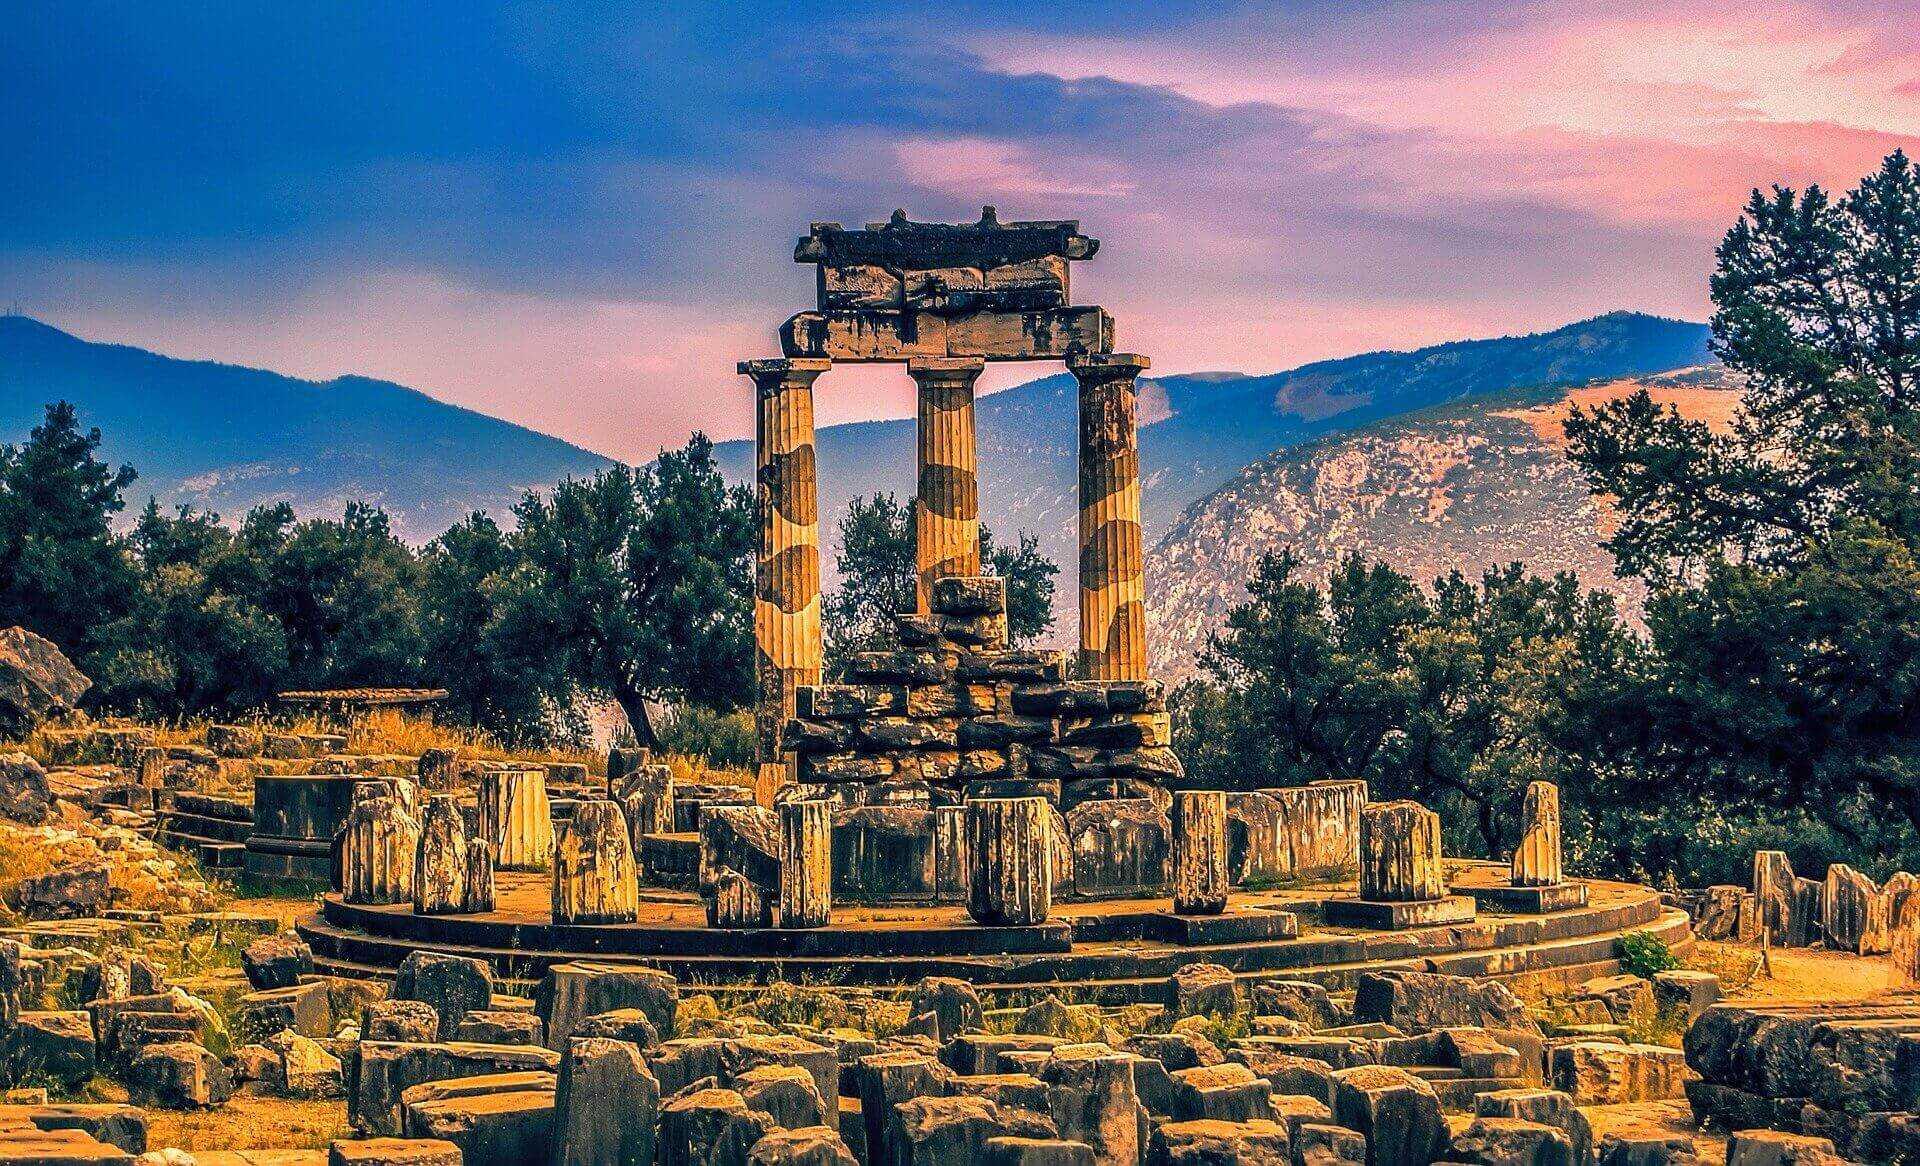 דלפי יוון: איך כדאי להגיע לשם ומה רואים? - המדריך השלם